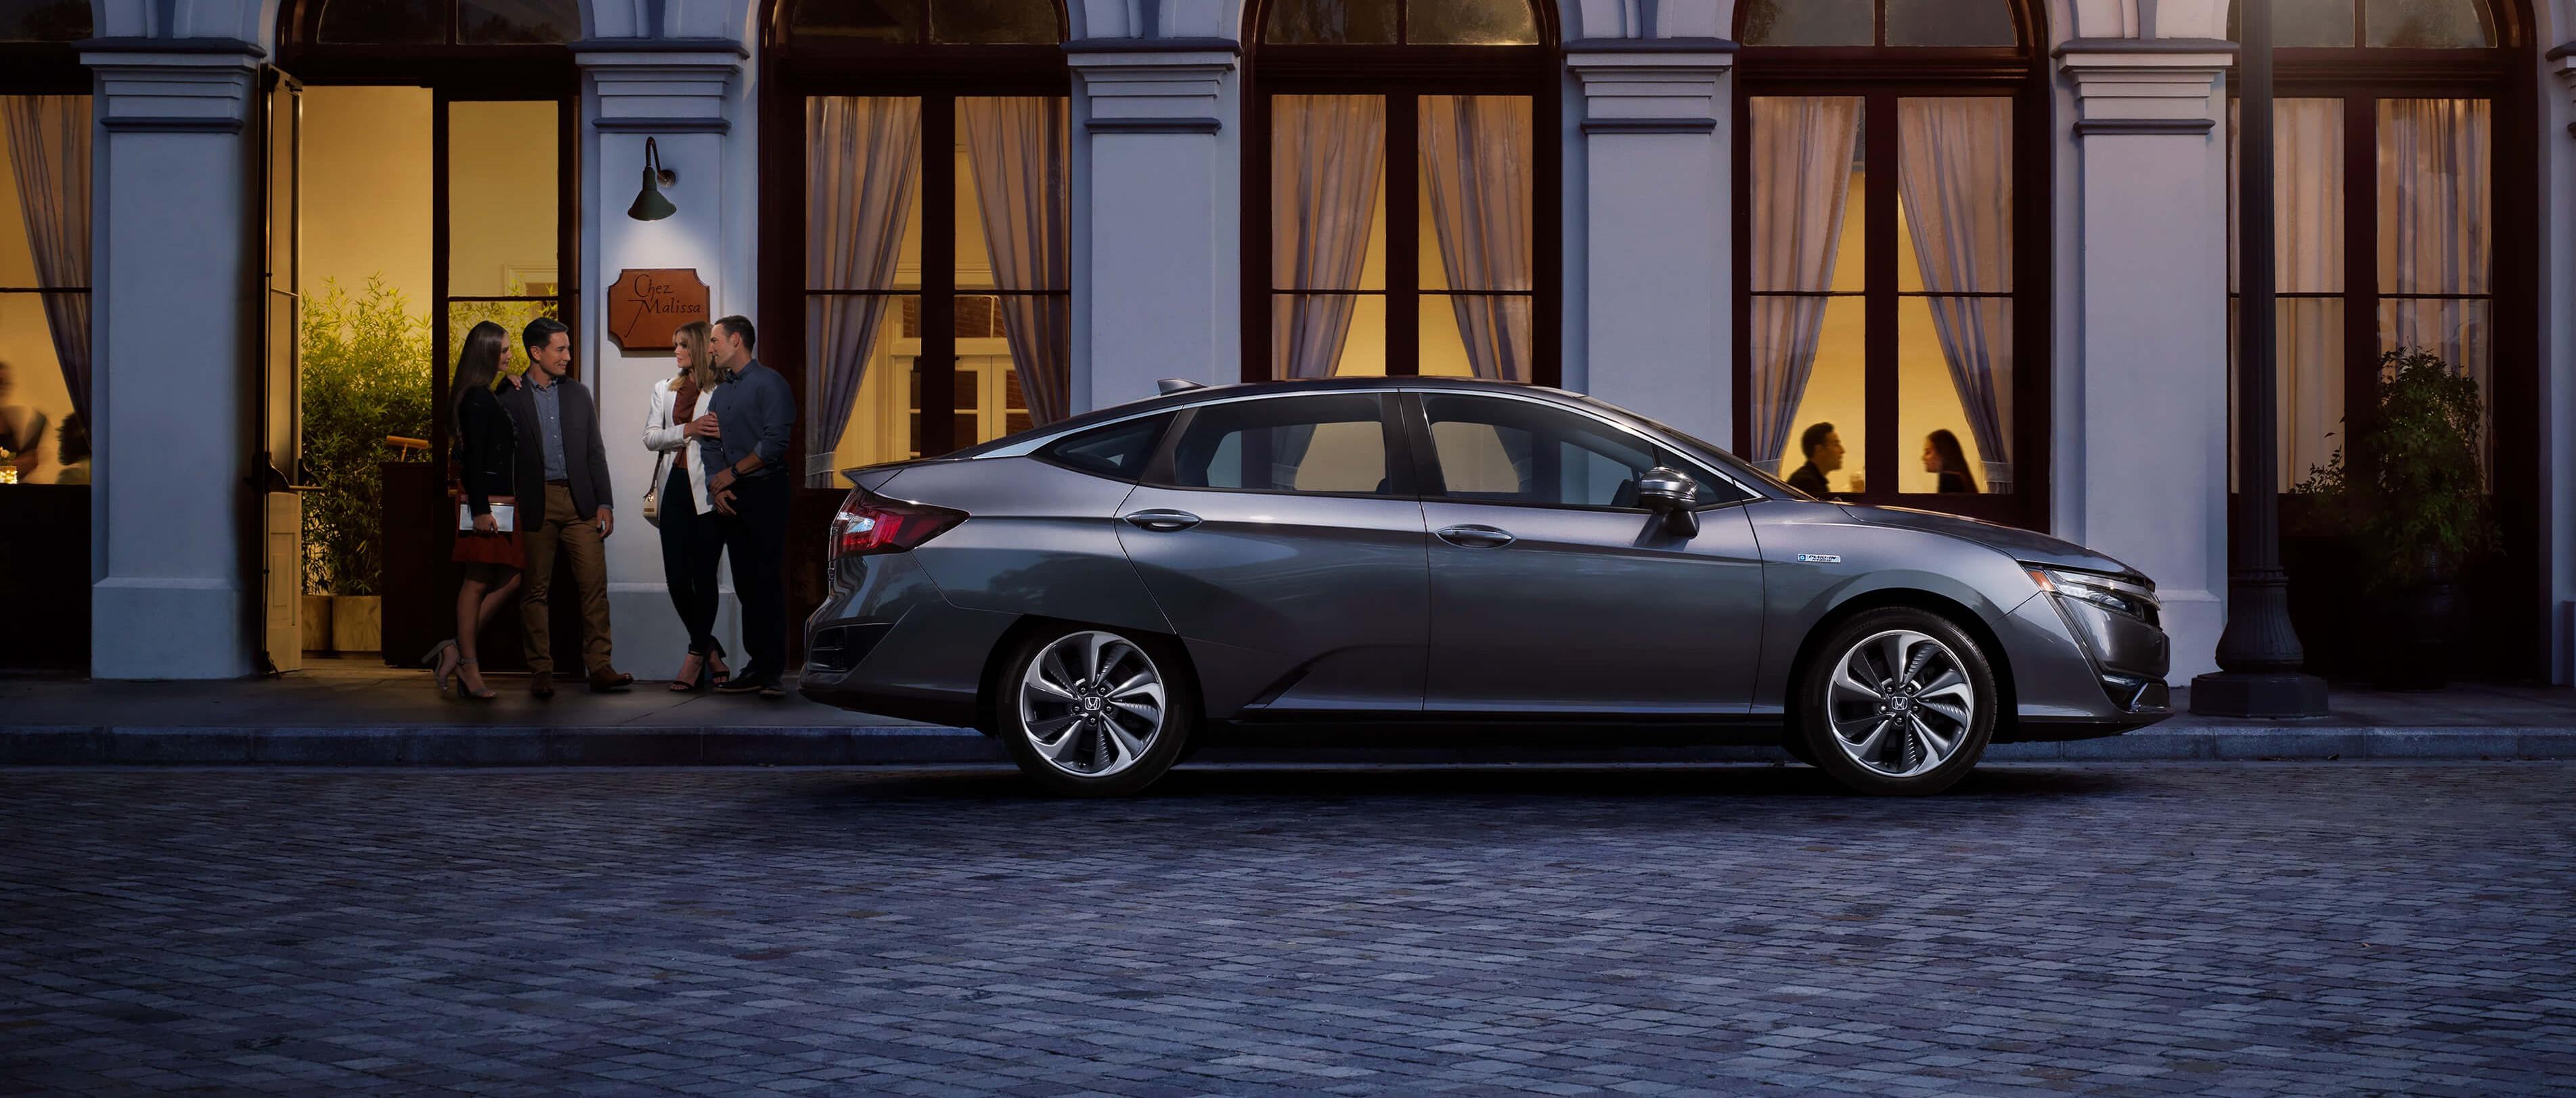 Honda clarity hybrid side urban